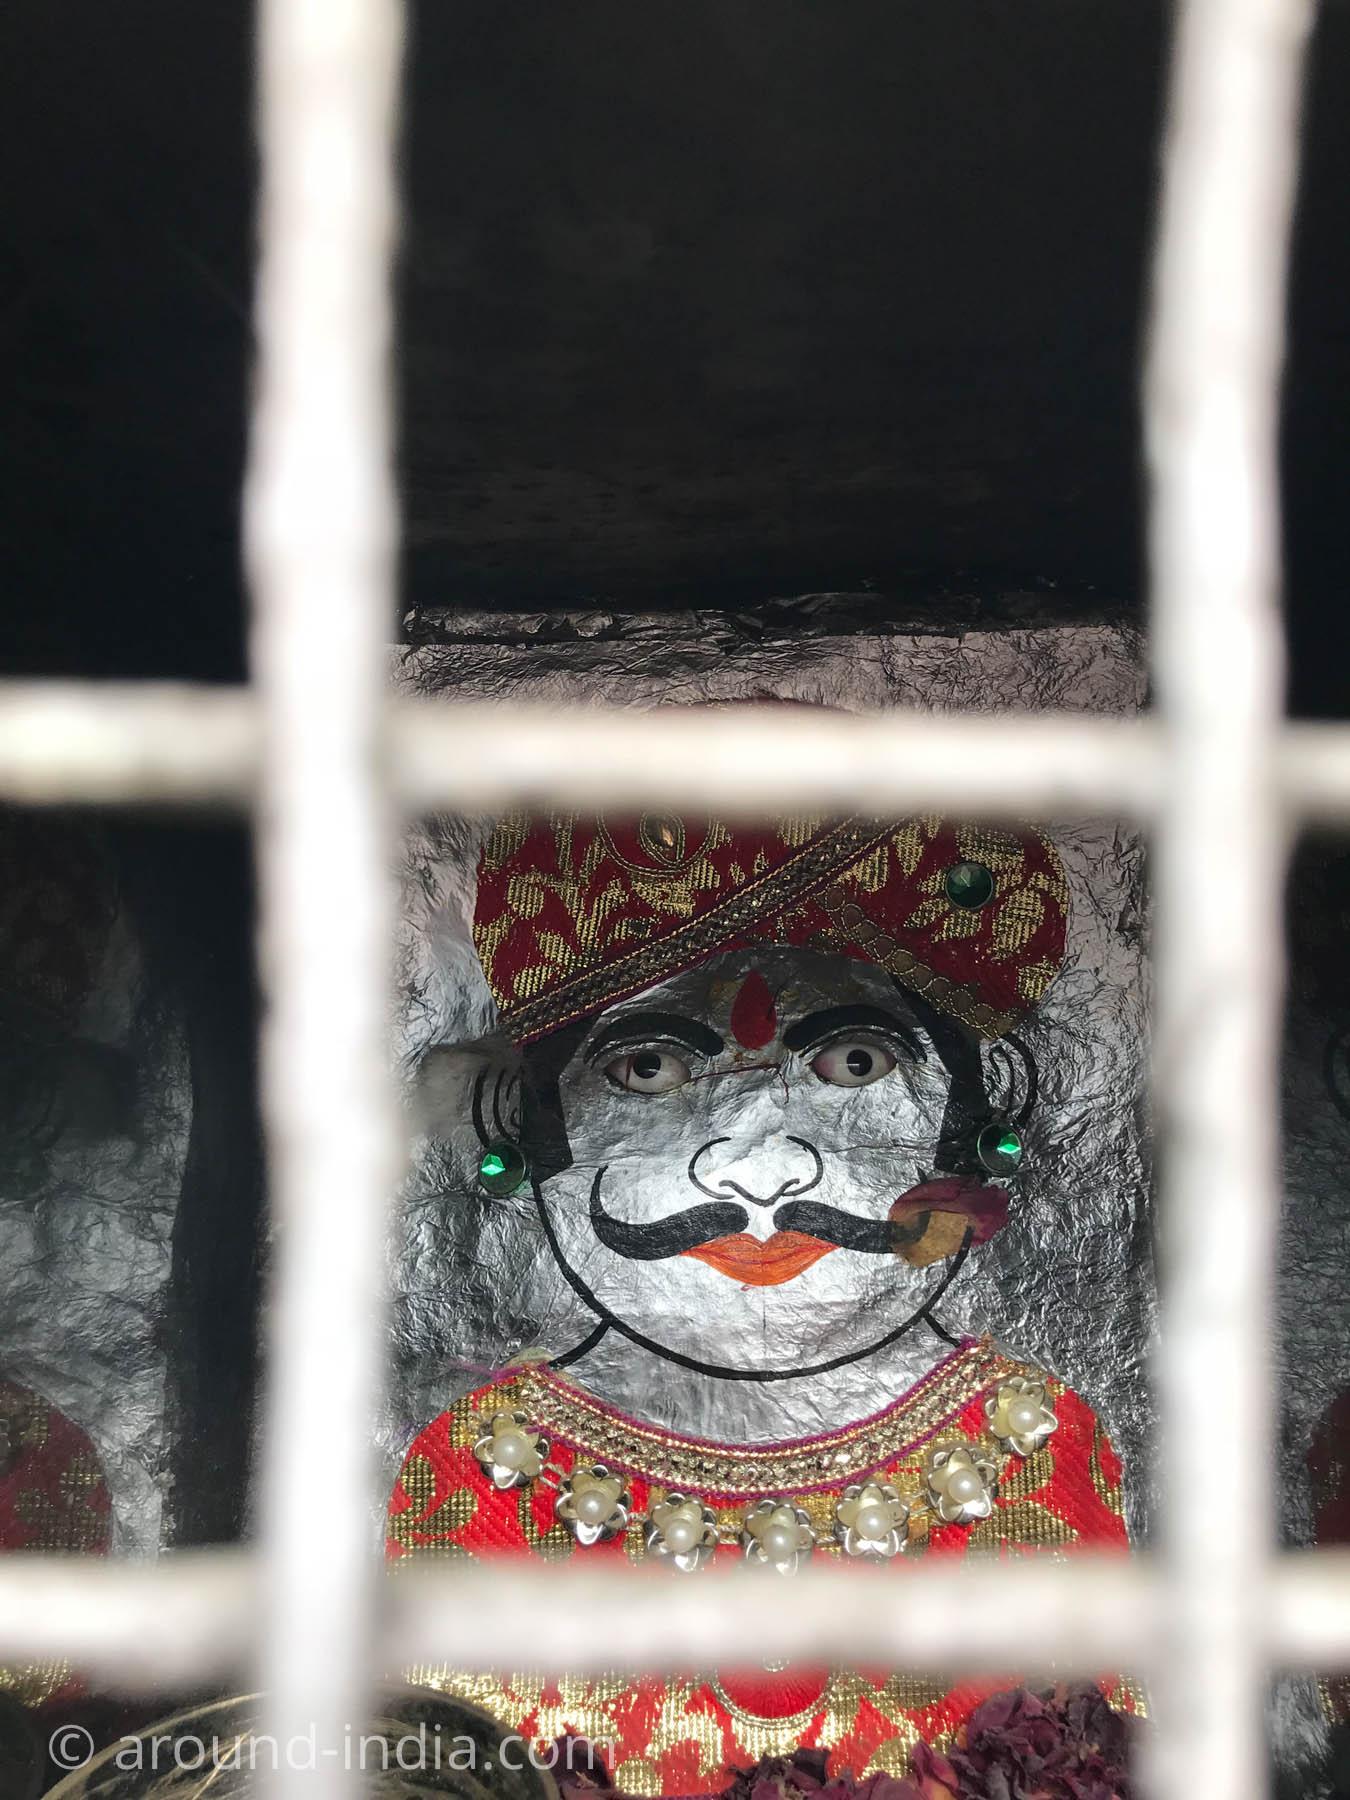 ウダイプルのローカル神様はマハラジャ